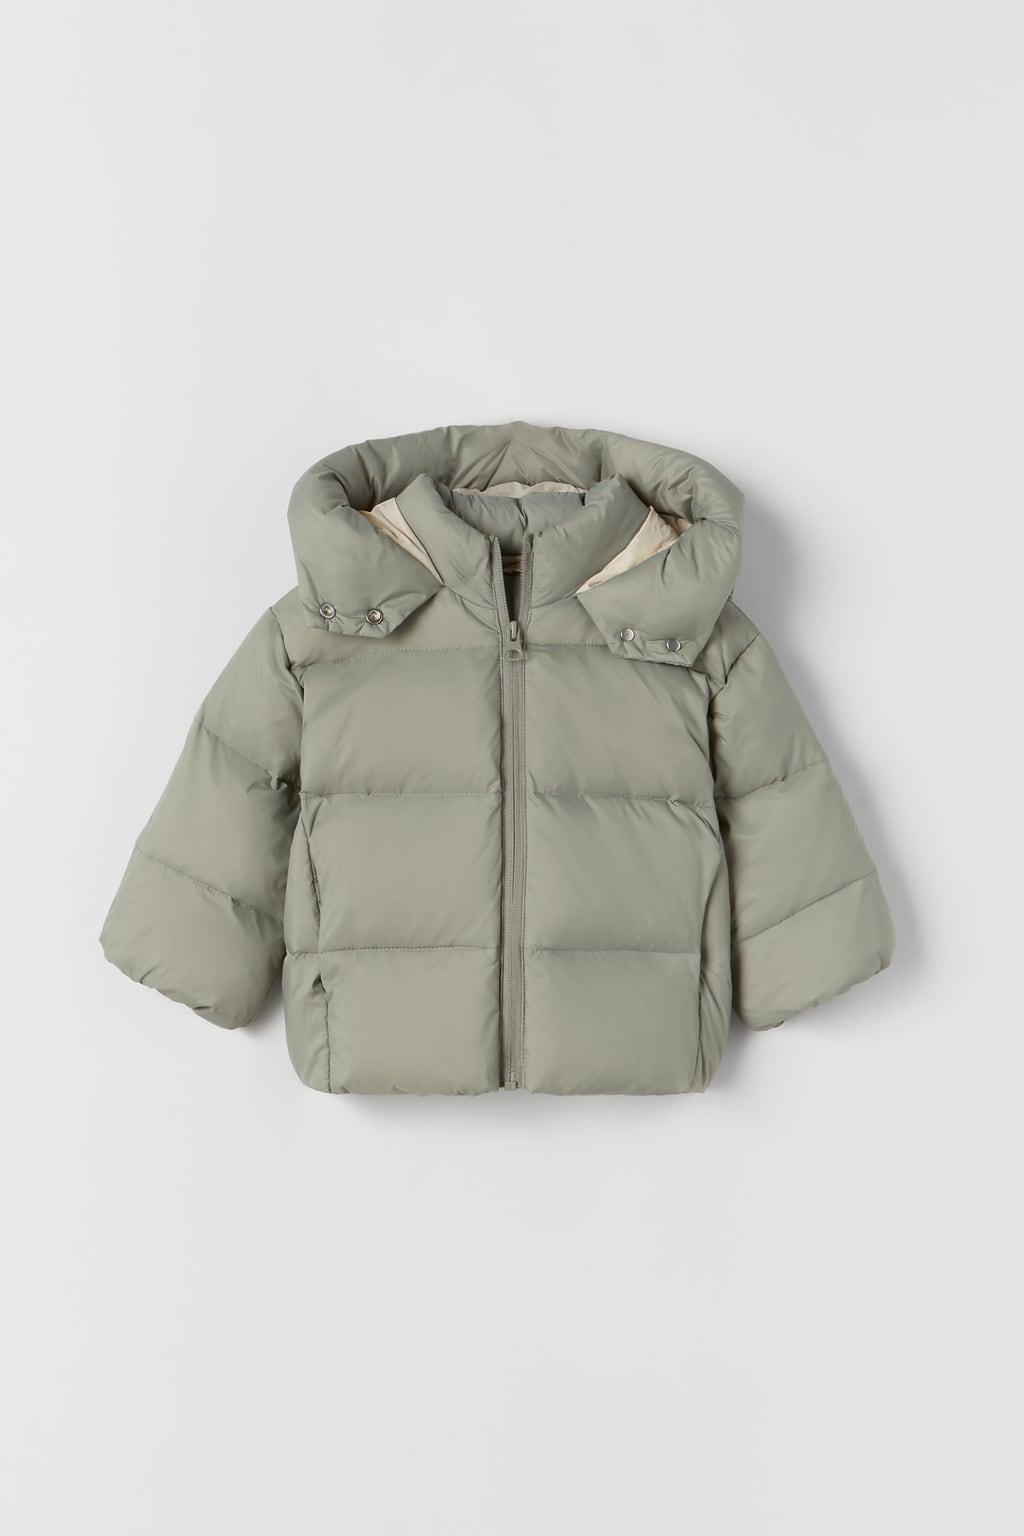 Gewatterde jas voor een meisjes   De leukste winterjassen voor meisjes